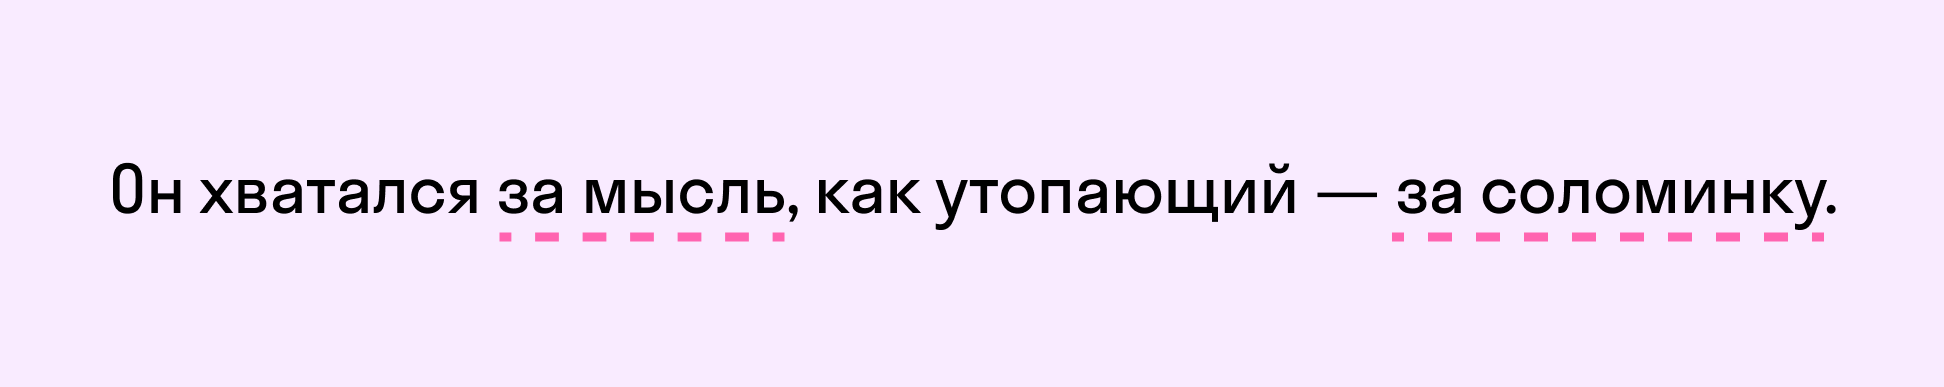 Пример дополнения | skysmart.ru